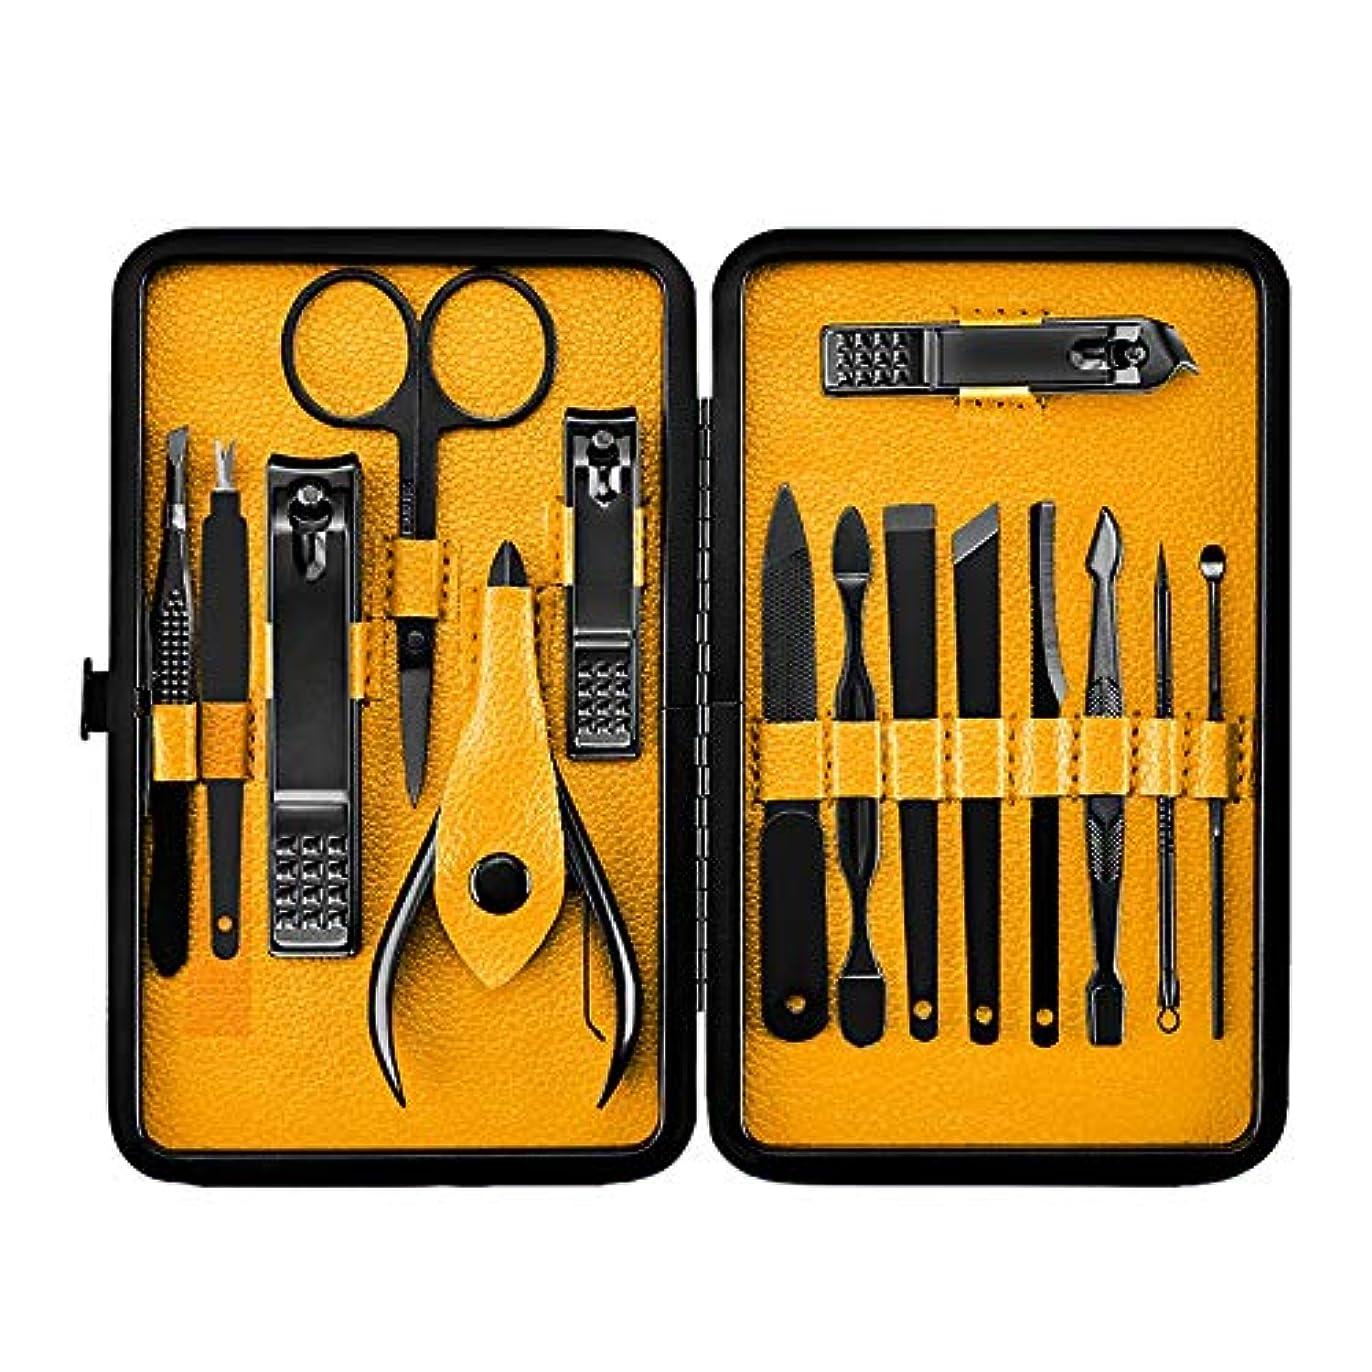 社員手錠誤解を招くCUHAWUDBA 15ピース、プロフェッショナル、マニキュア、ステンレス鋼製ネイルのクリッパー、爪切り、はさみのセット、キット、マニキュアのセット、ネイルのツール、ネイルアートのツール